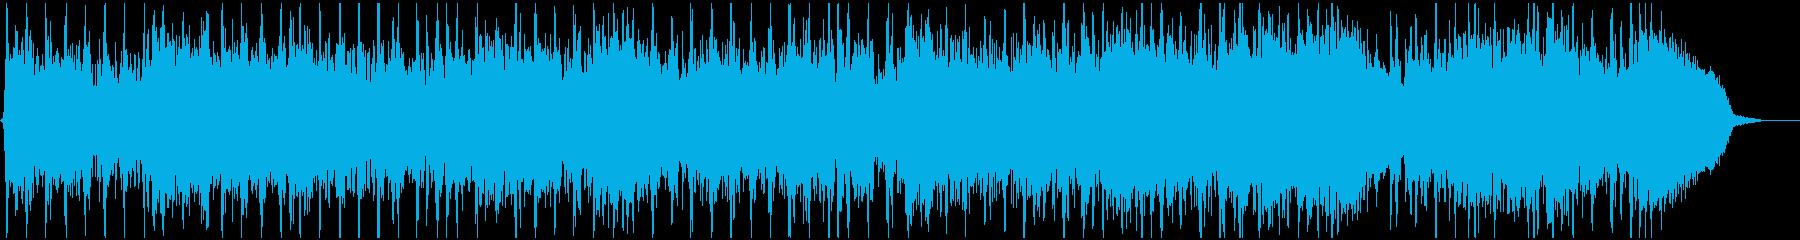 シックな雰囲気のロックの再生済みの波形